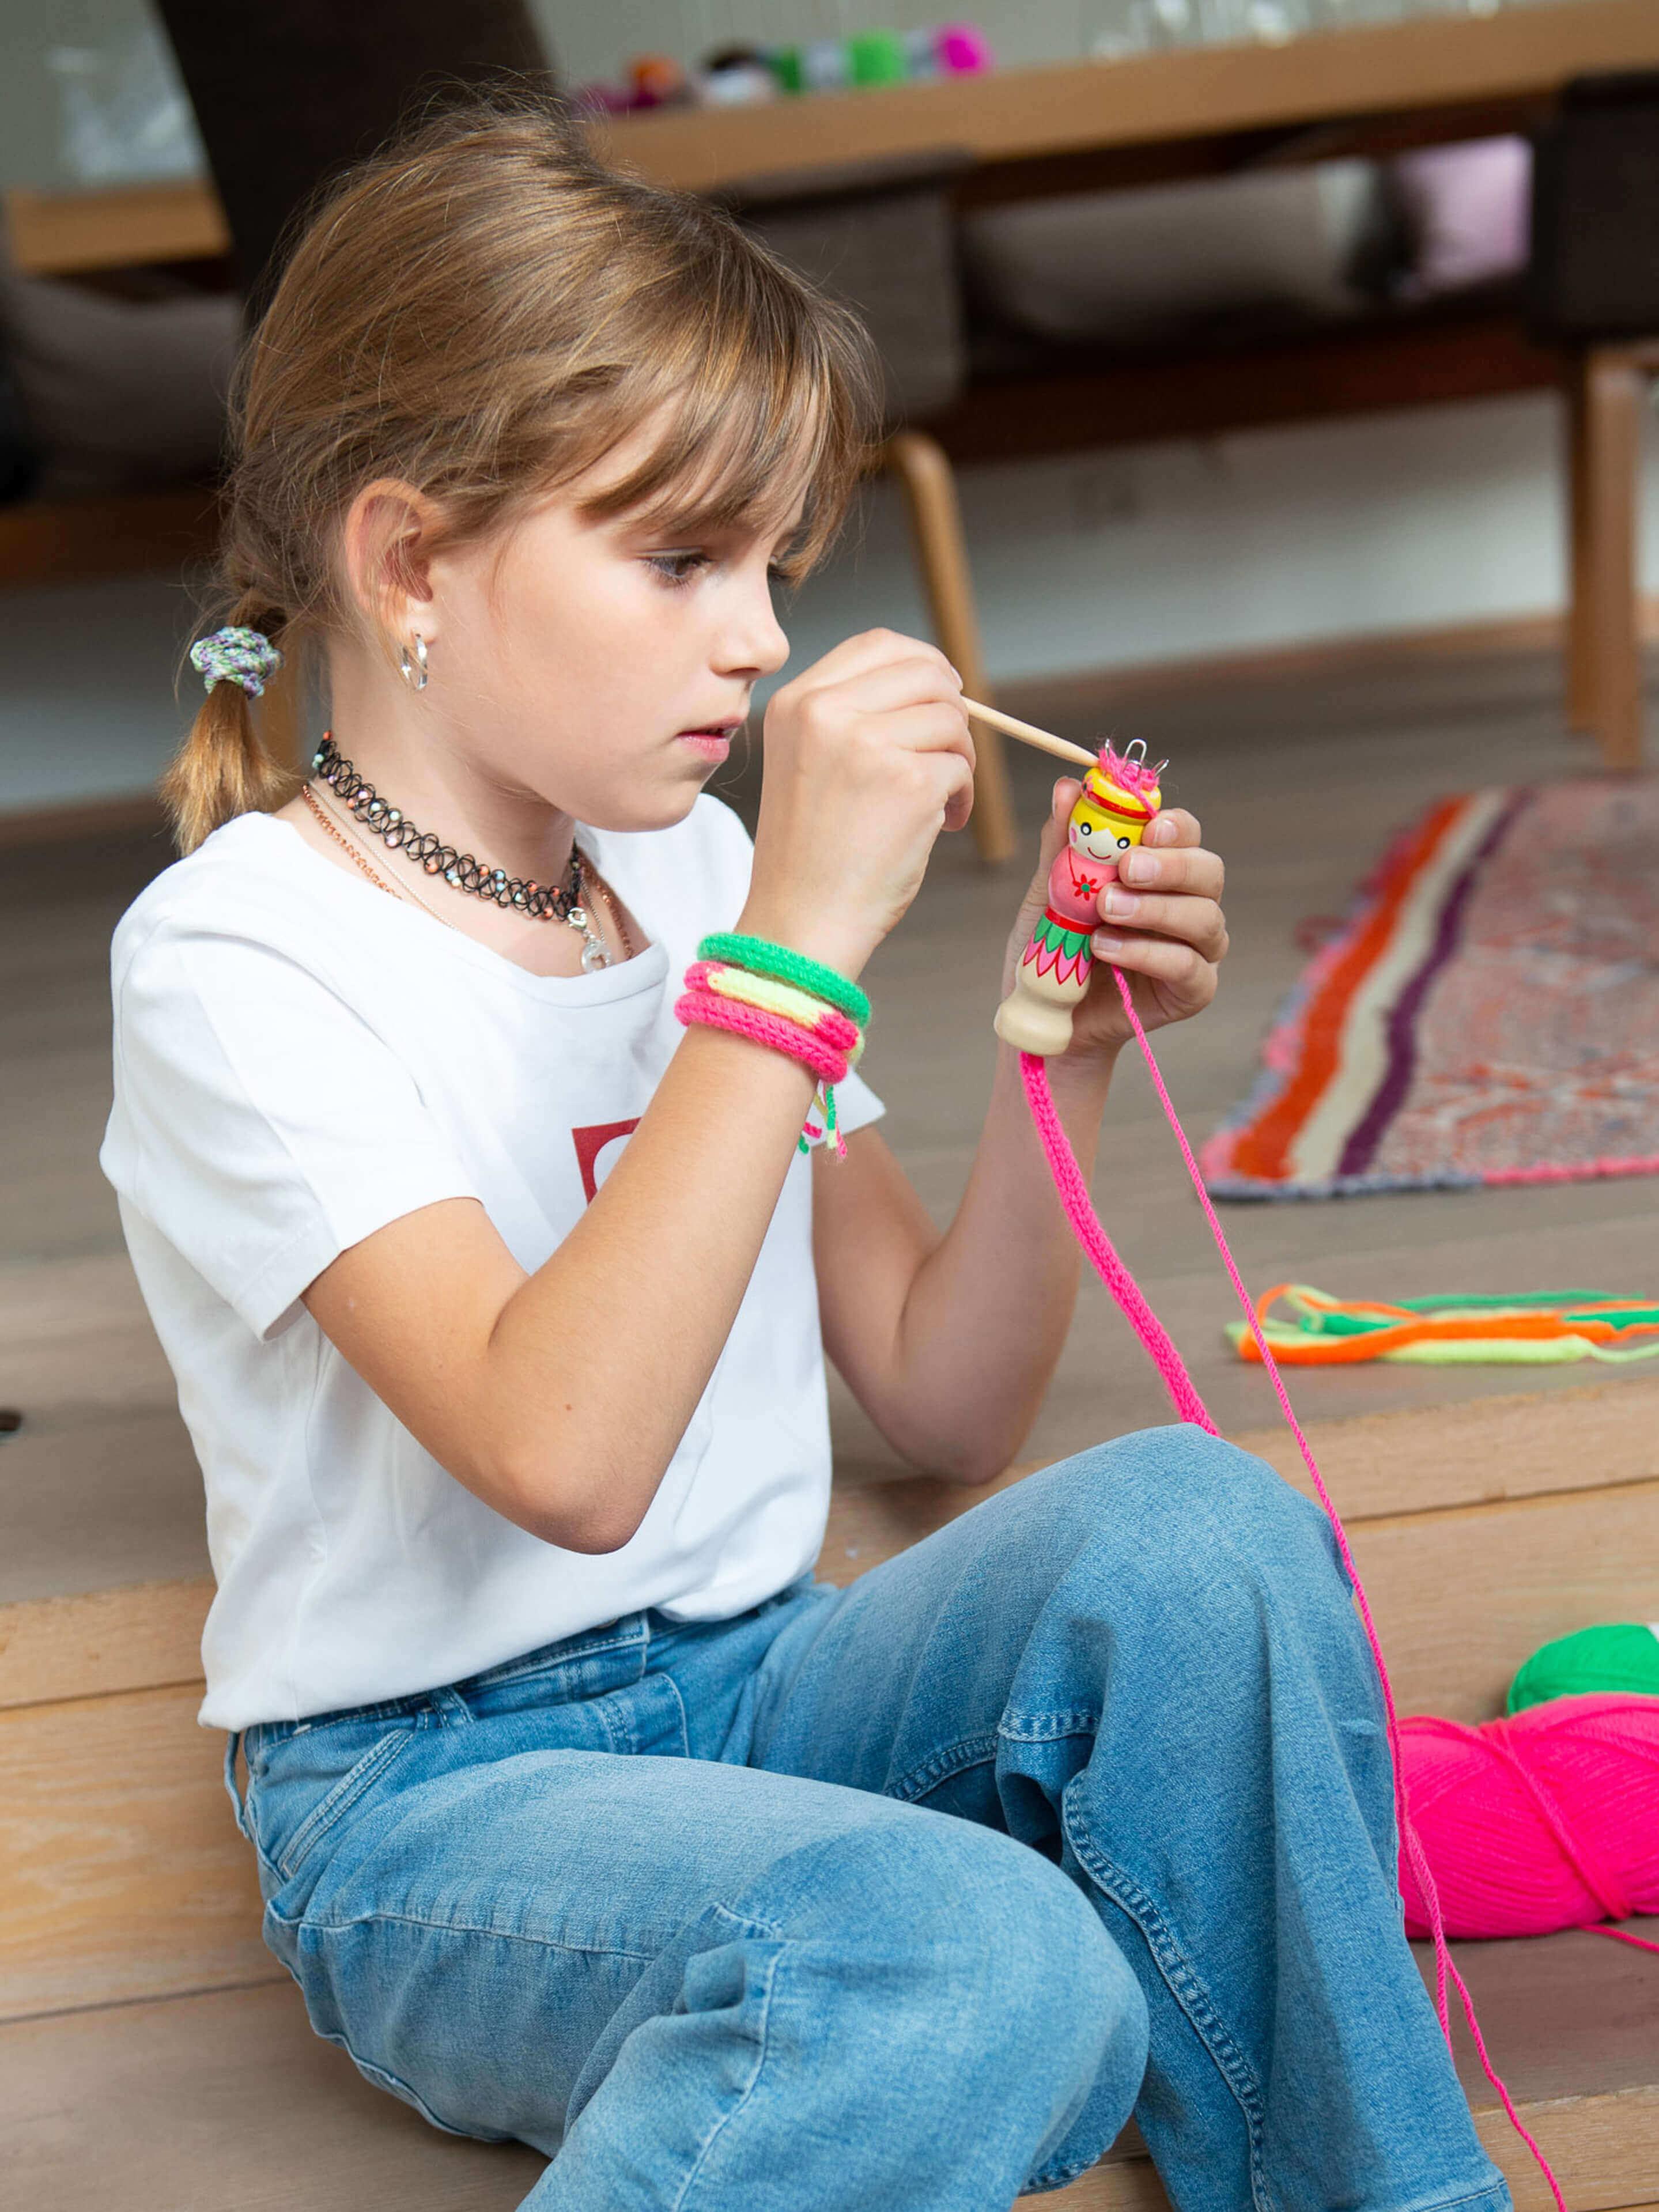 Mädchen strickt mit Strickliesel